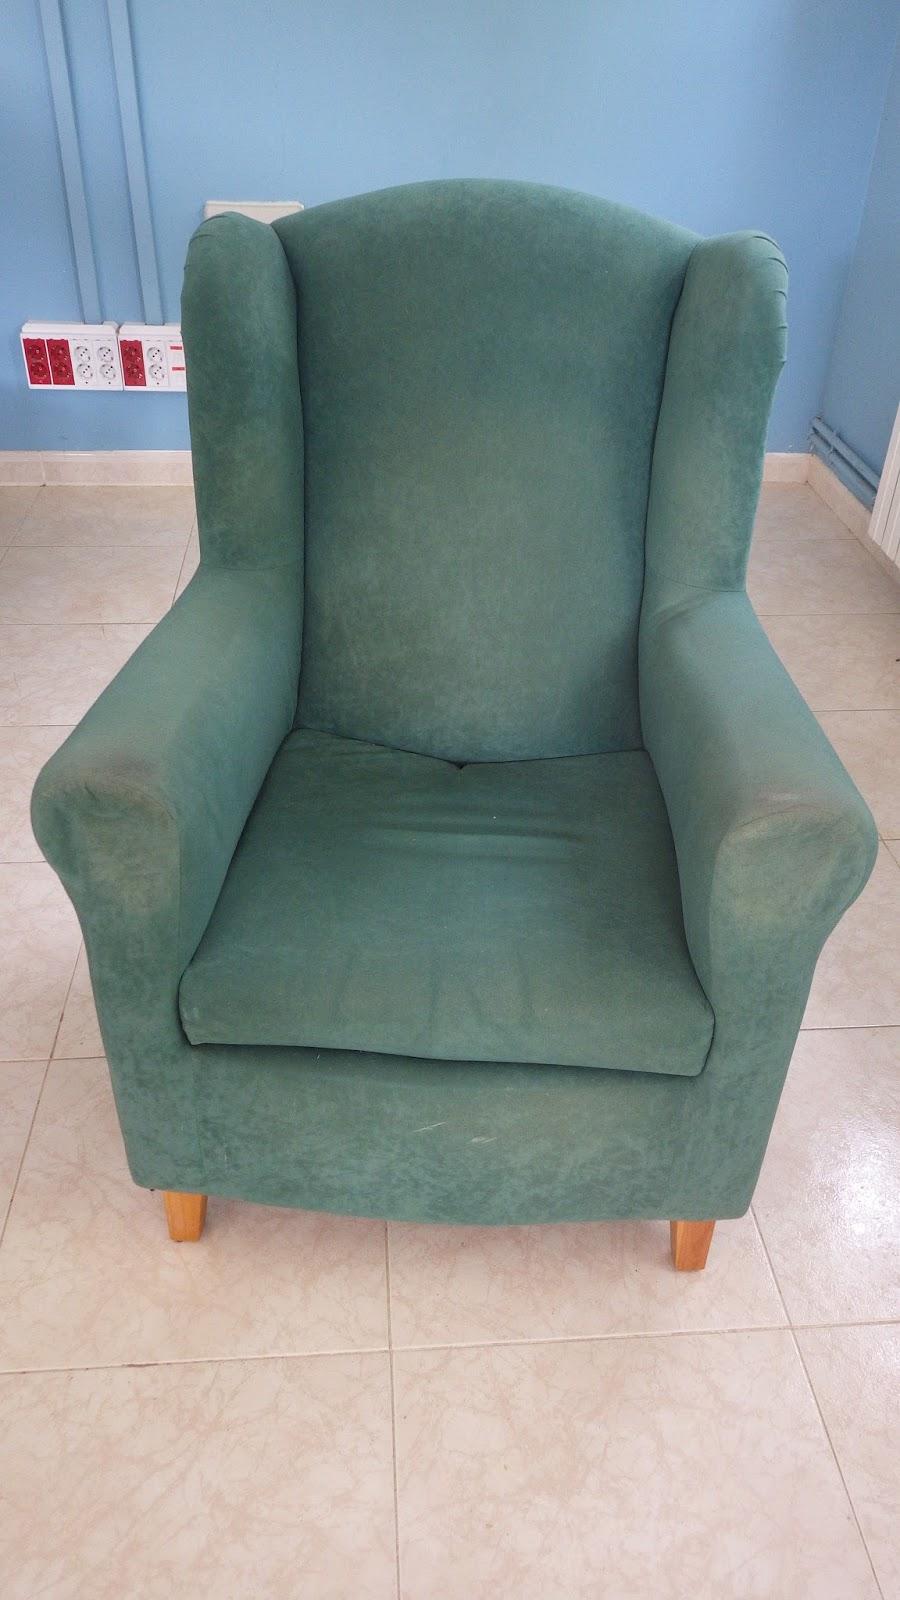 Manualidades gibert sillas y sillones - Sillas y sillones ...